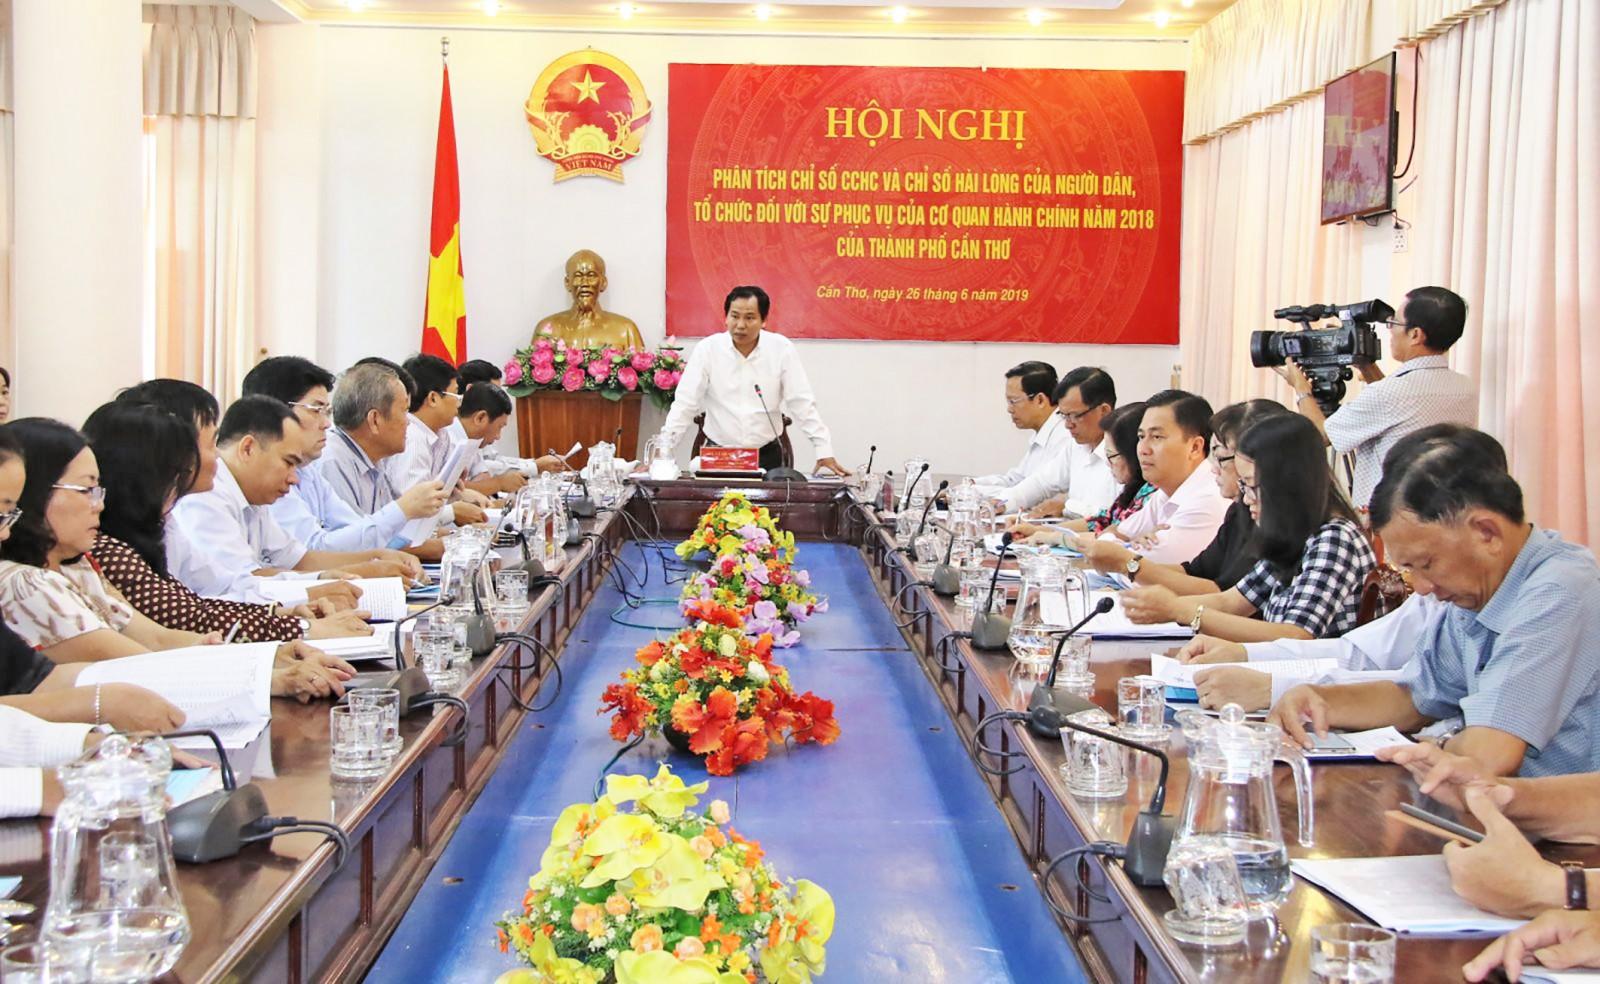 Chủ tịch UBND TP Cần Thơ Lê Quang Mạnh phát biểu tại Hội nghị.